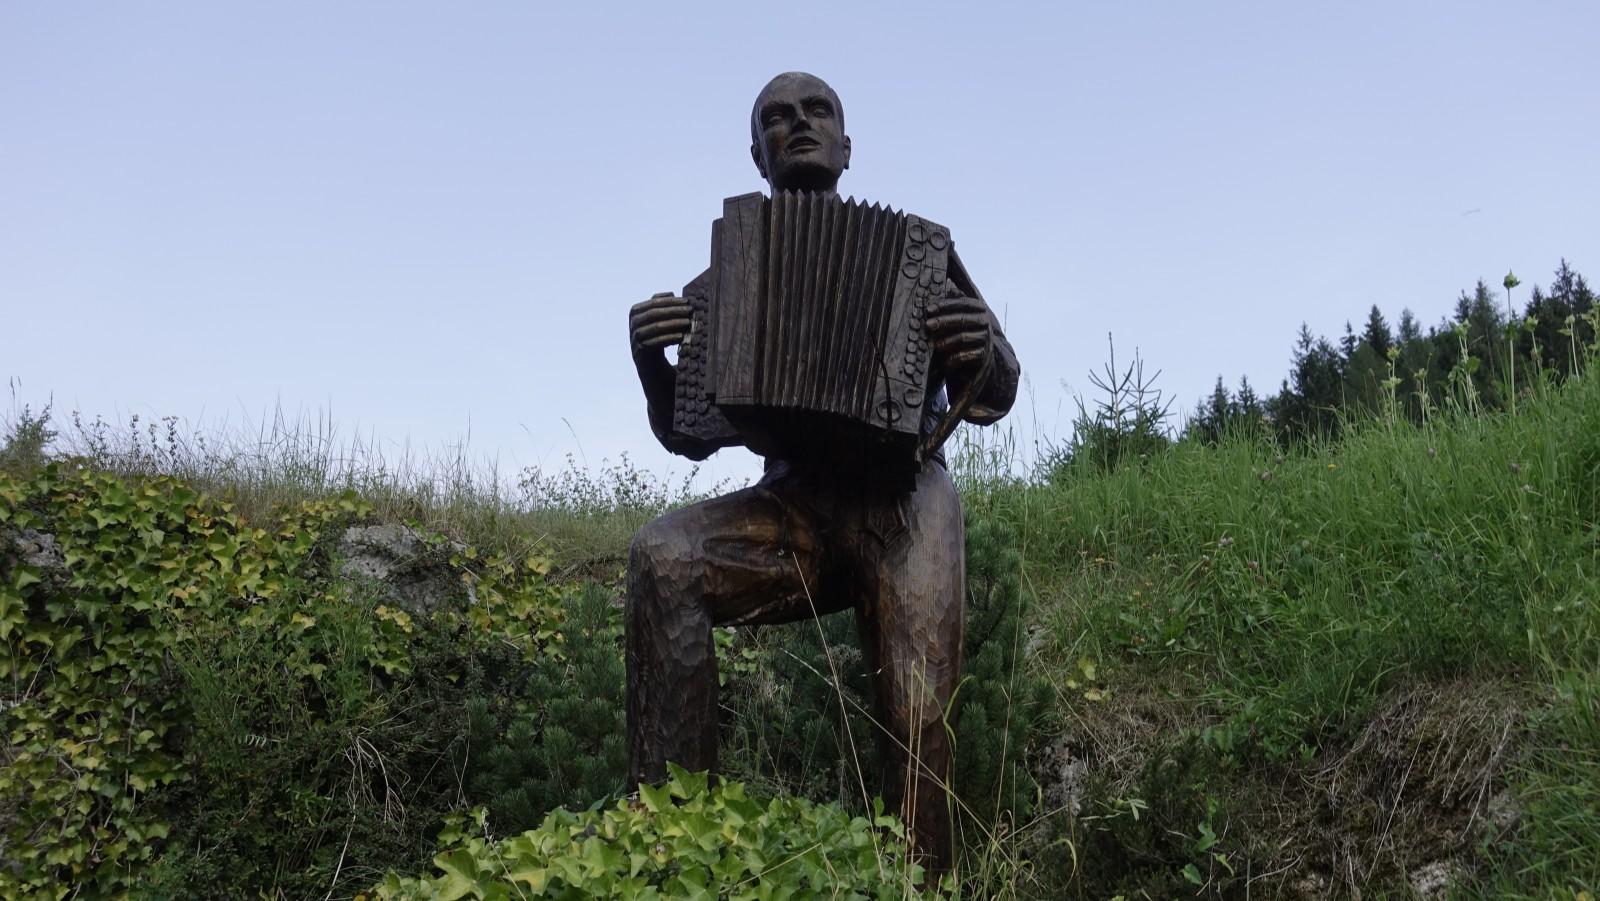 Die musikalische Tradition in Holz verewigt